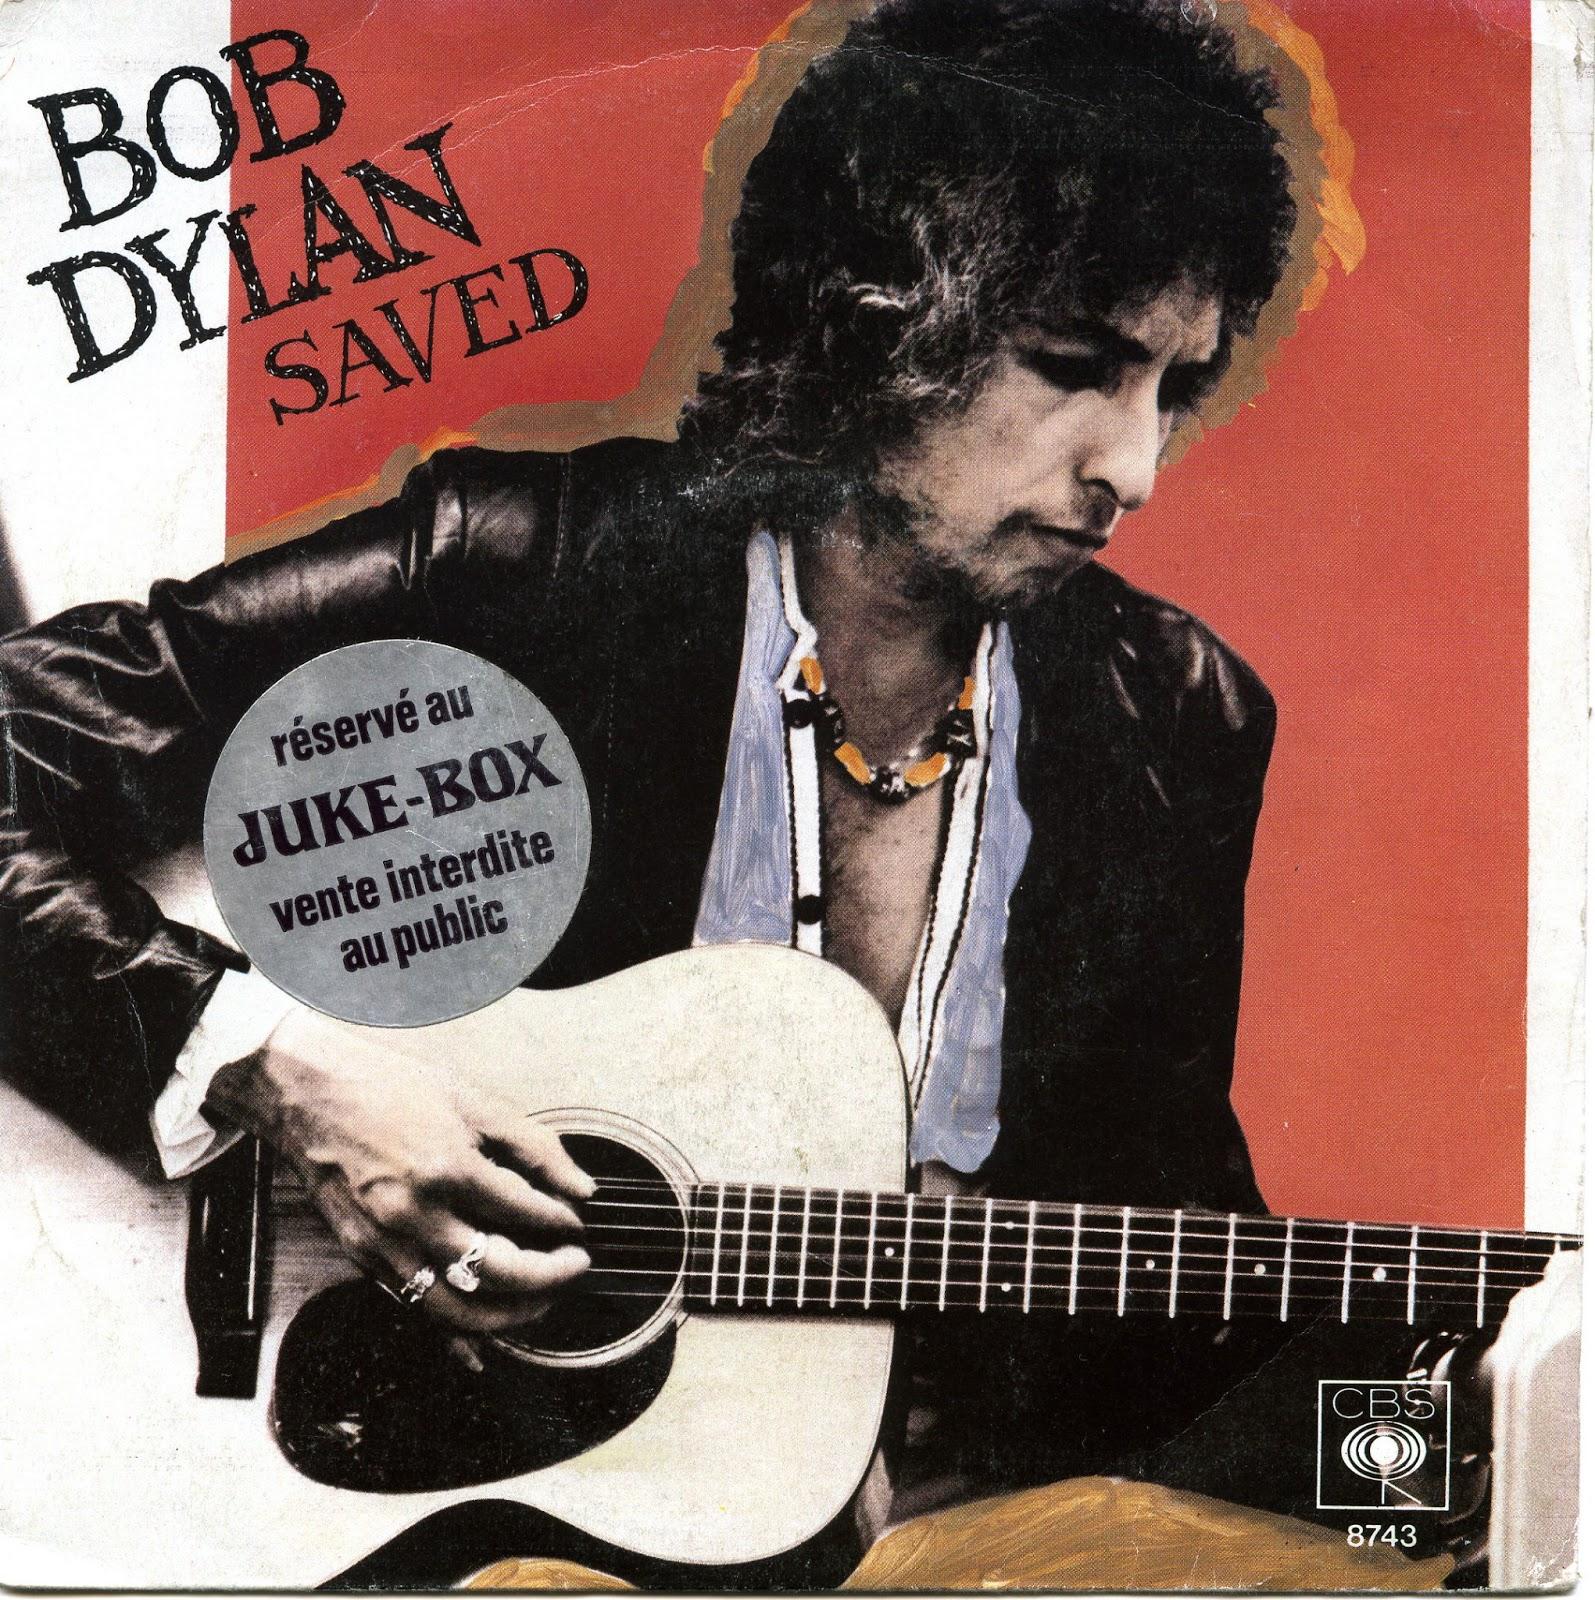 Bob Dylan Self Portrait